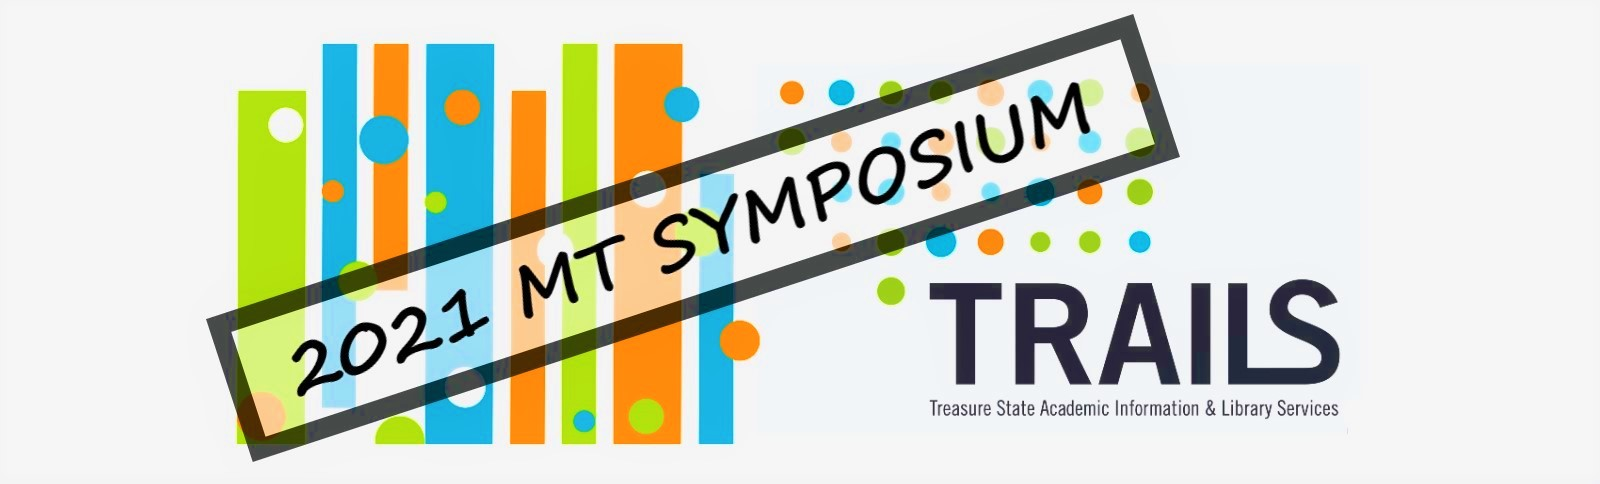 Symposium 2021 logo